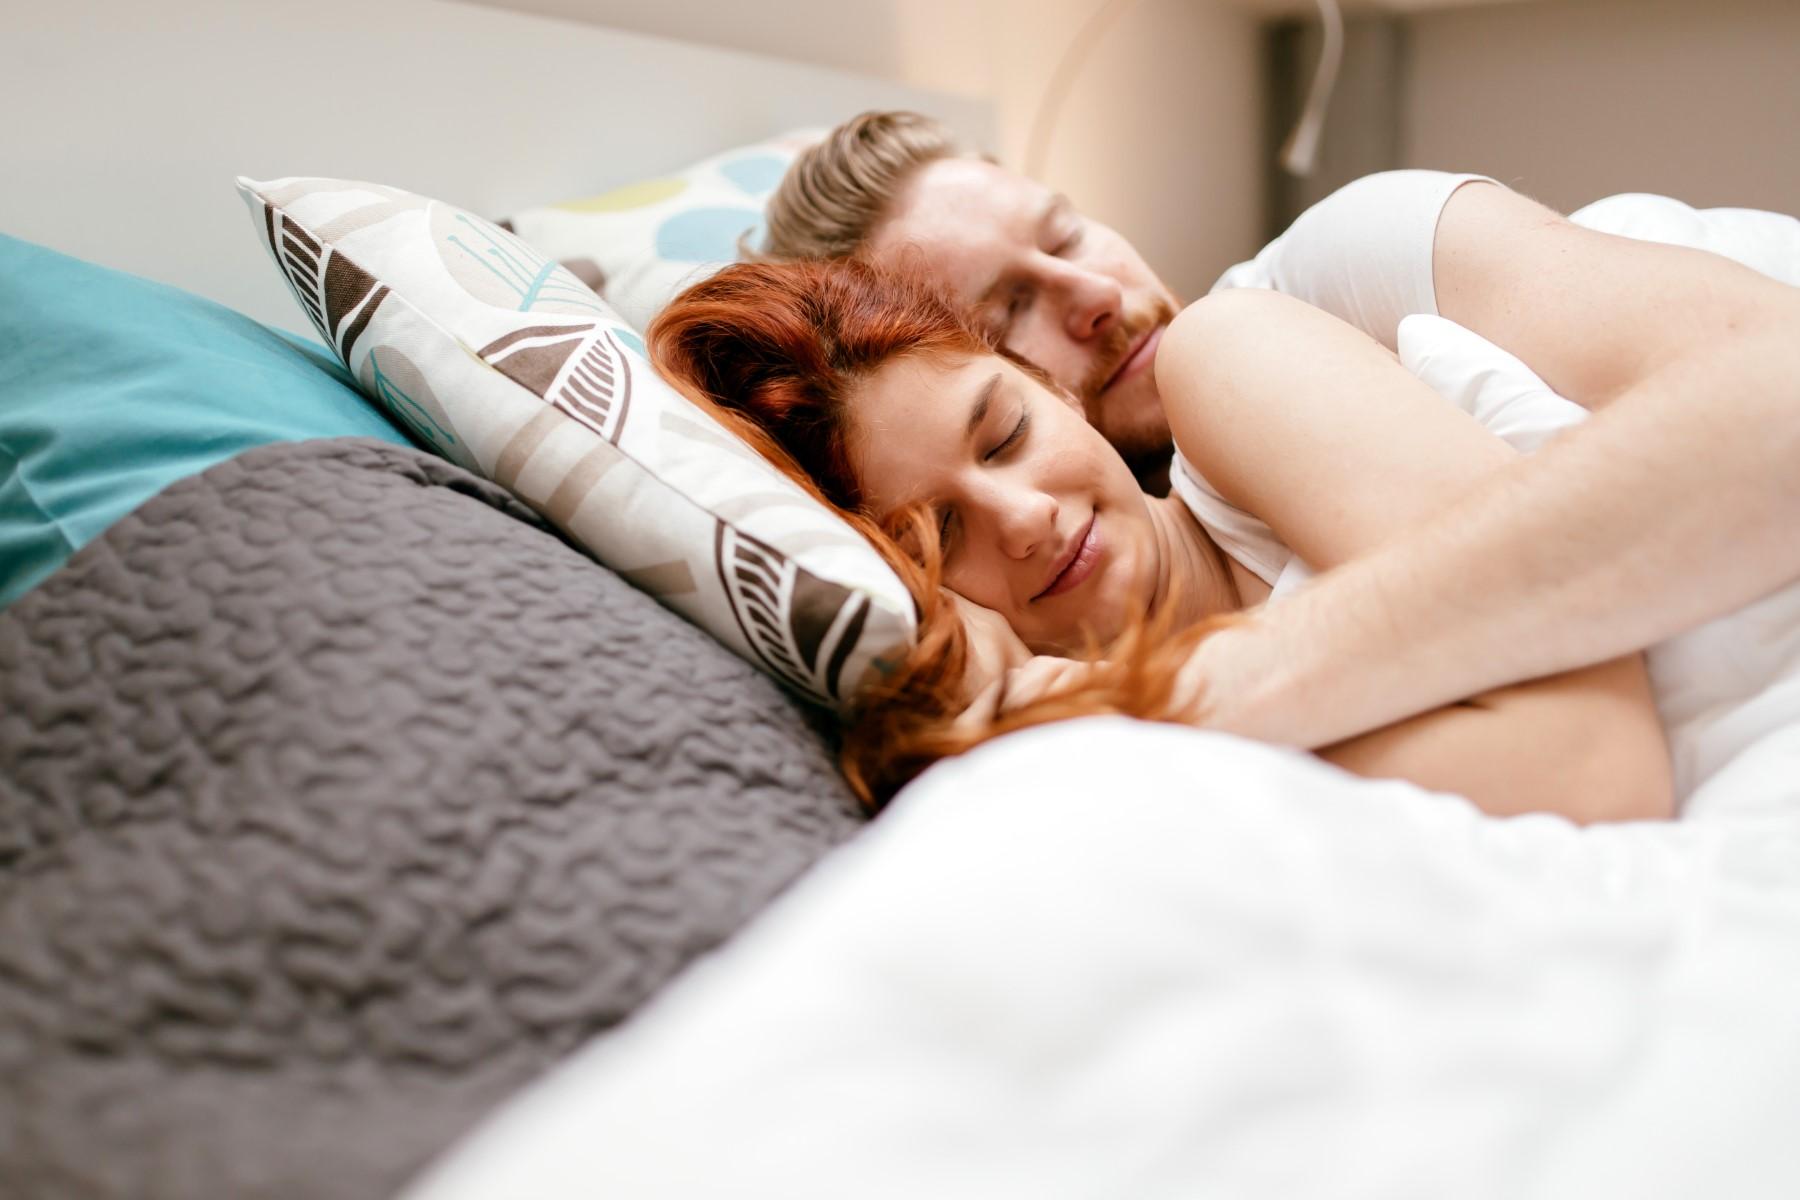 Czym kierować się przy wyborze łóżka dwuosobowego? - Zdjęcie główne